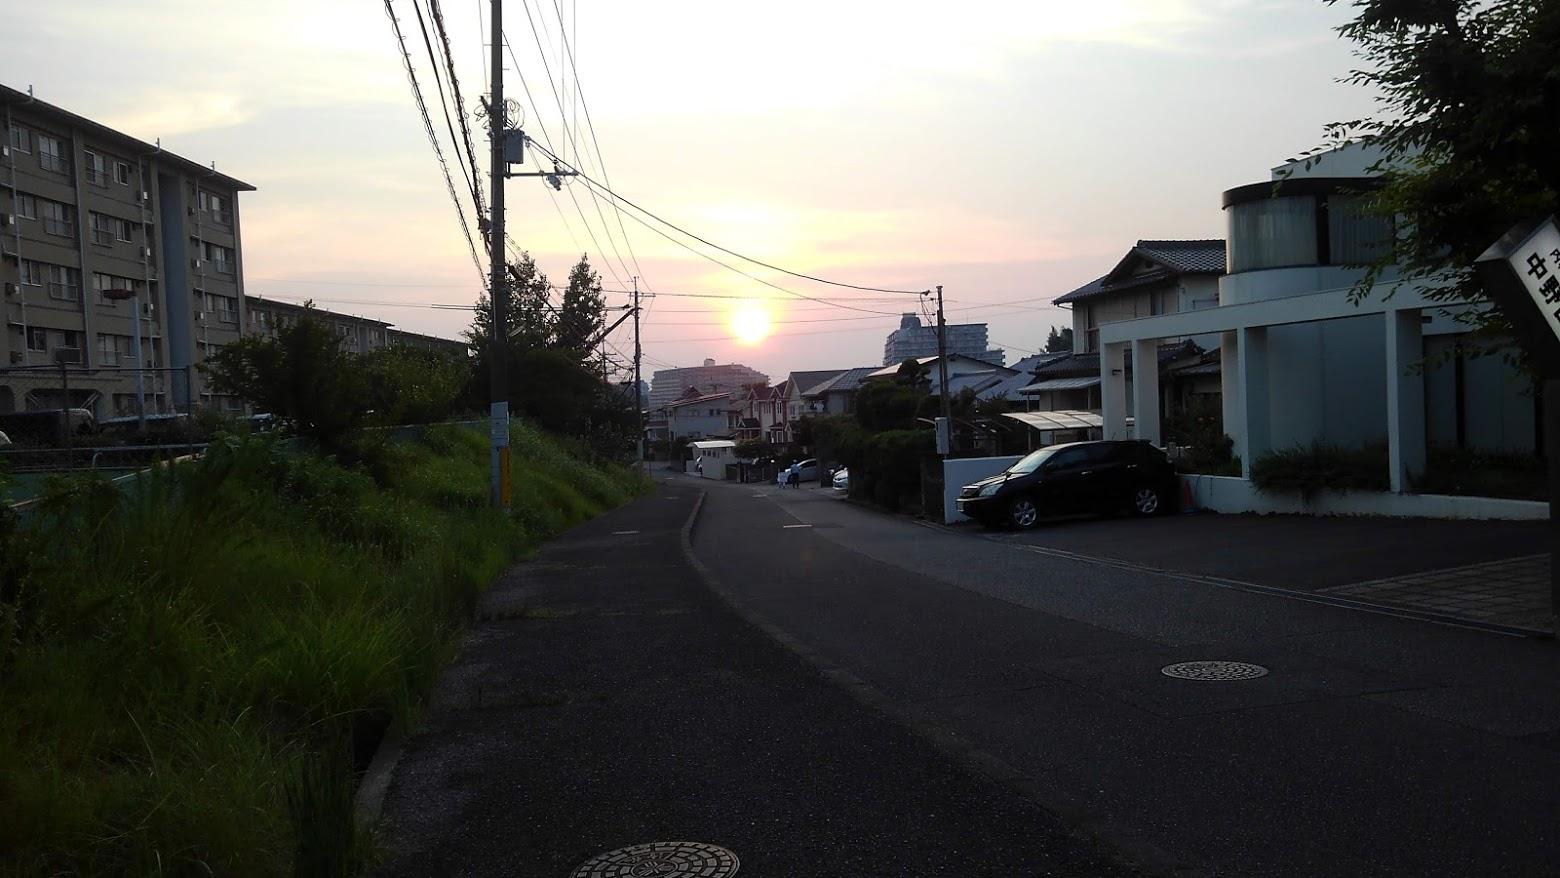 住宅地から見た太陽の沈む瞬間 スマホでシャッター いつまで続く猛暑